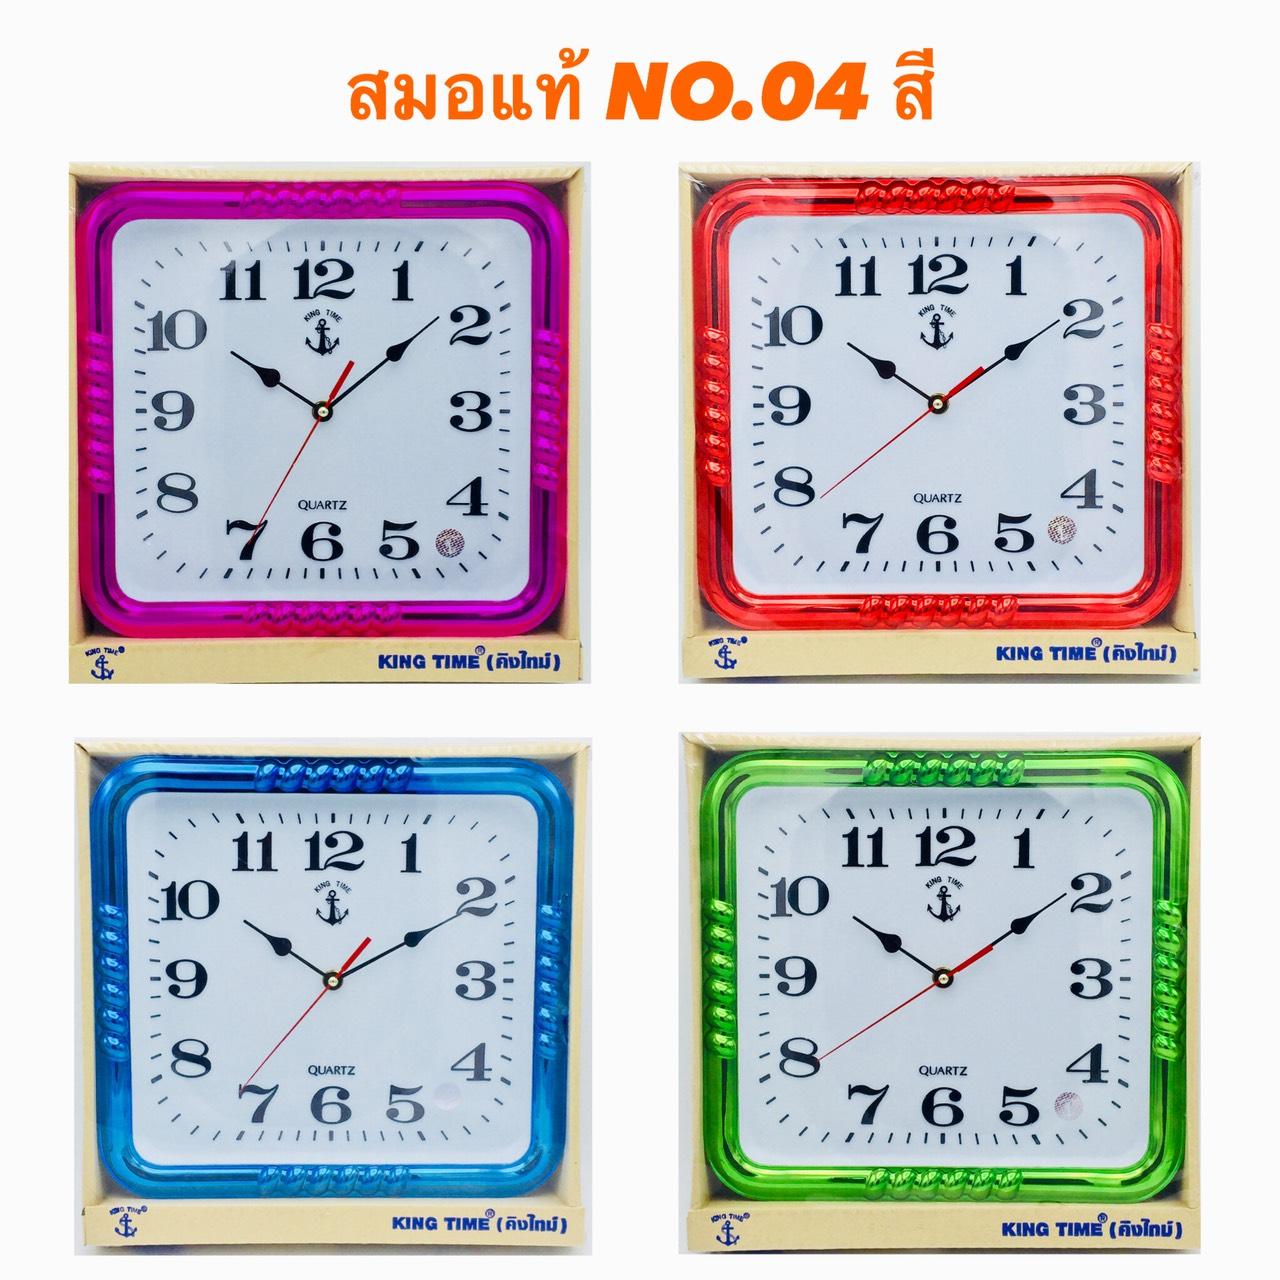 นาฬิกาแขวนผนัง ตราสมอ แท้ รุ่น 04 สี